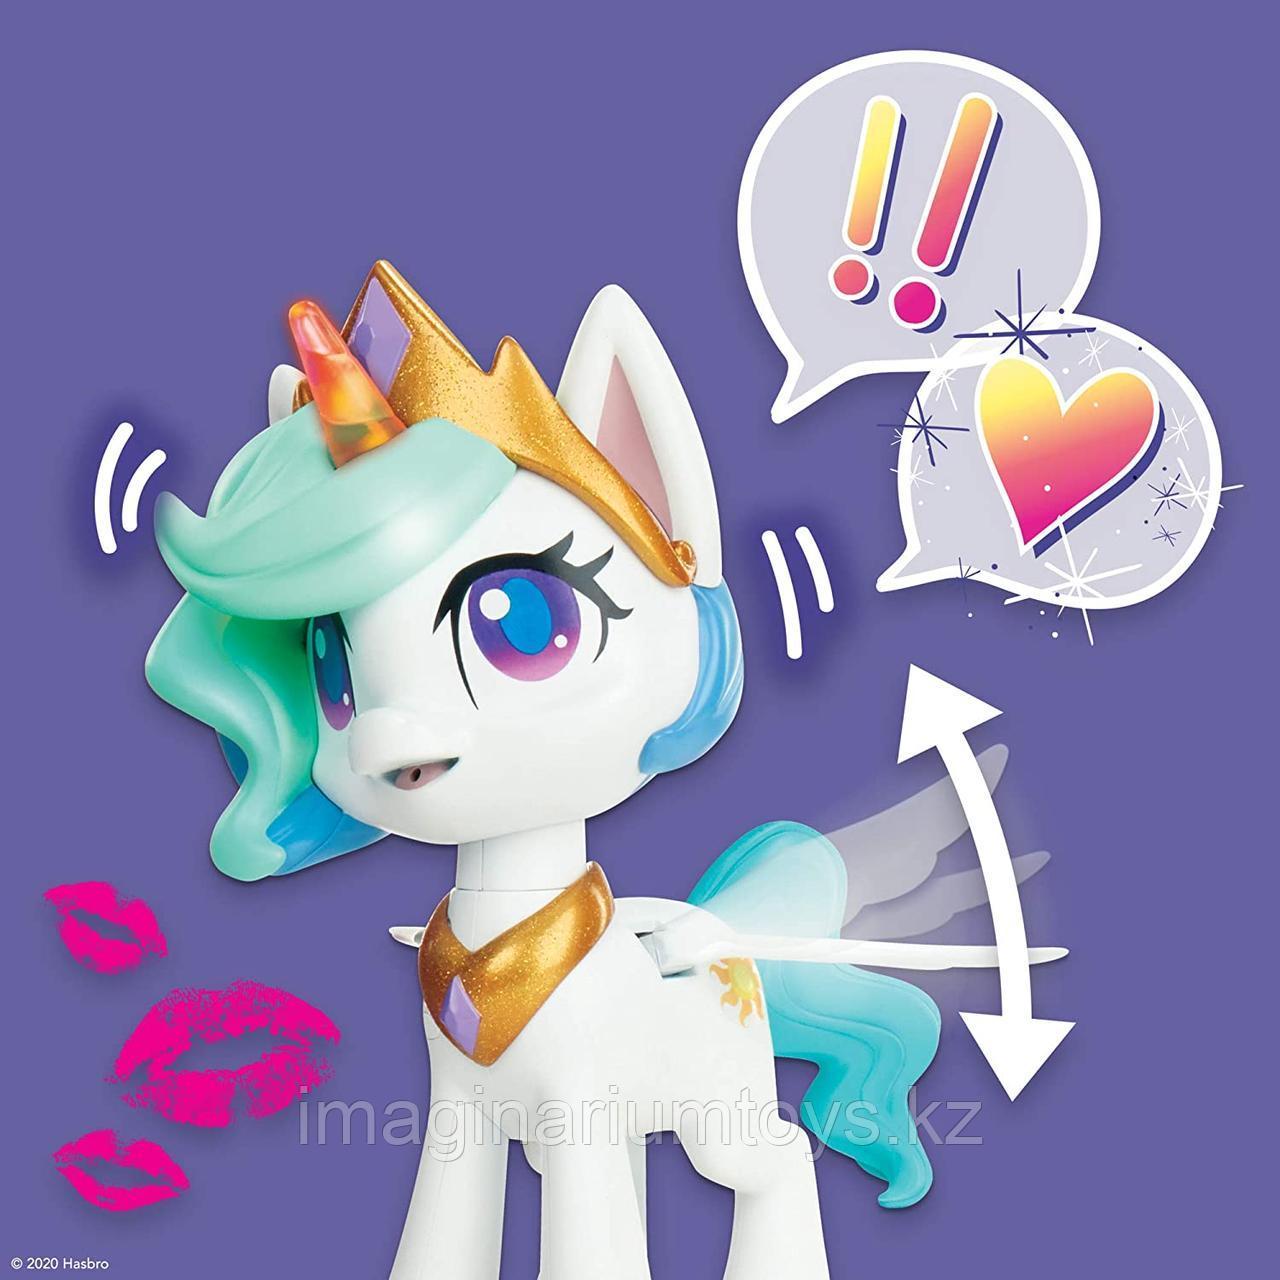 Интерактивный единорог Селестия My Little Pony - фото 6